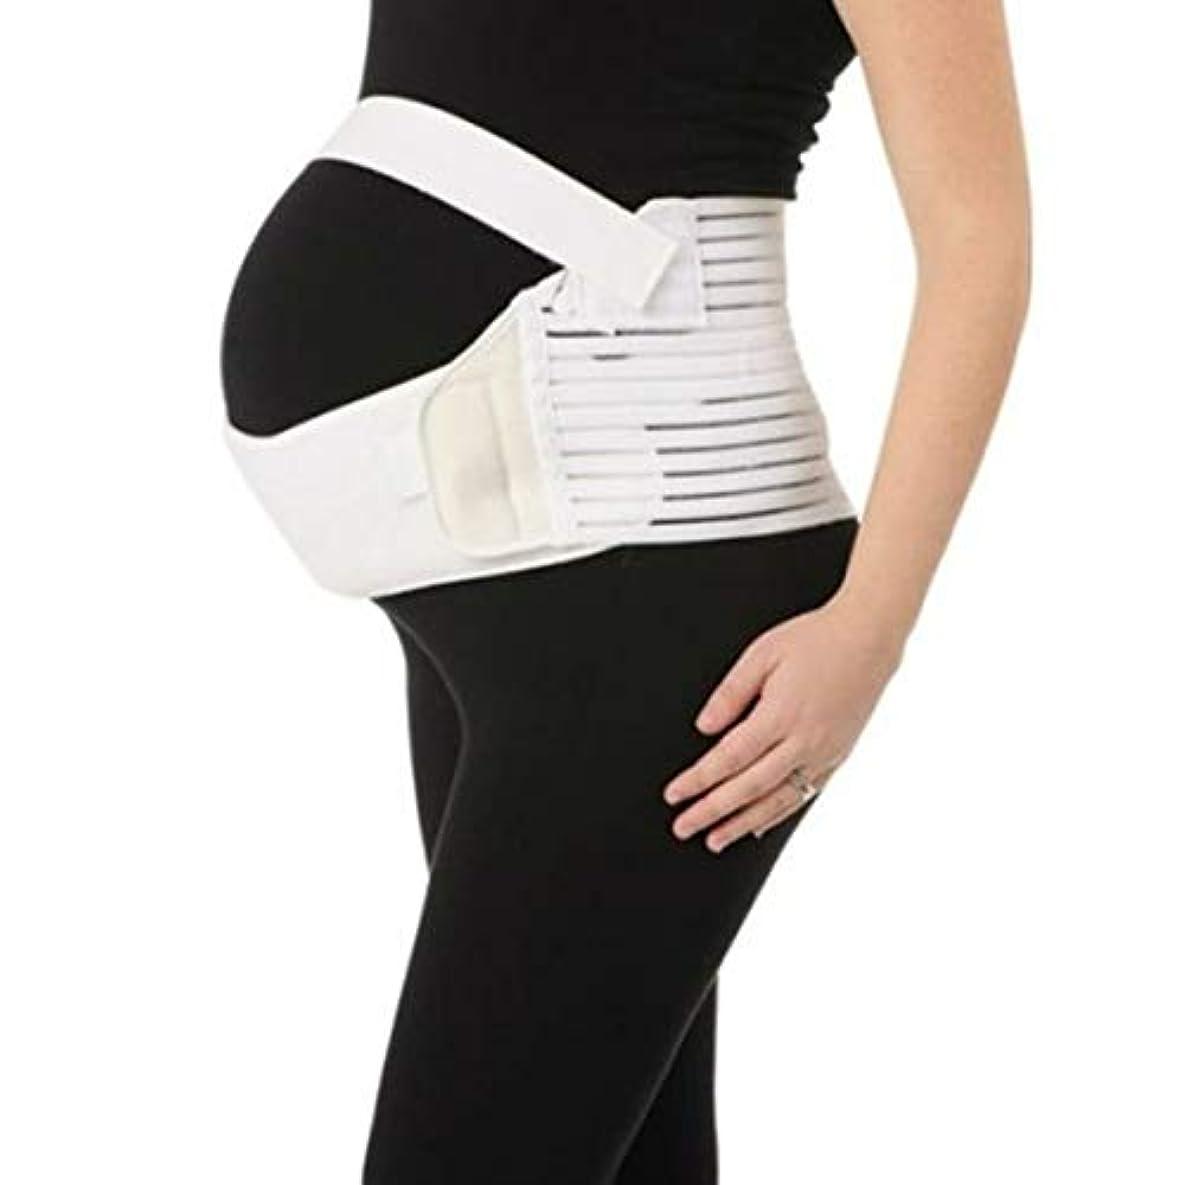 四回衰える専門通気性マタニティベルト妊娠腹部サポート腹部バインダーガードル運動包帯産後回復形状ウェア - ホワイトXL